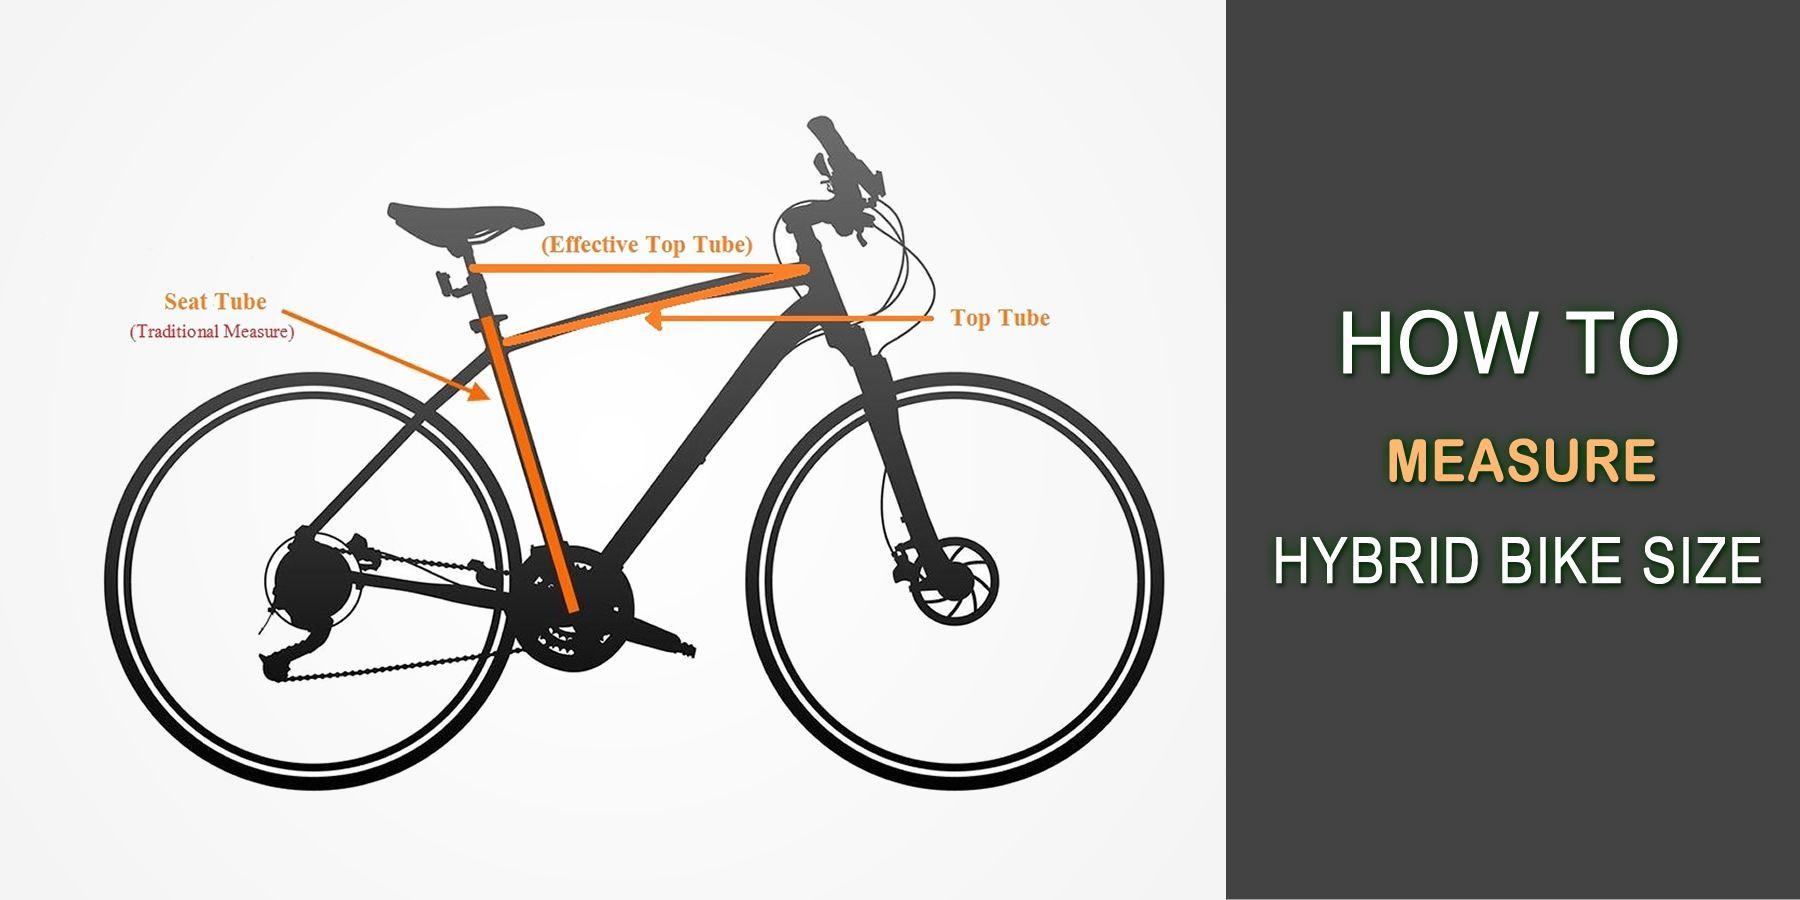 How To Measure Hybrid Bike Size Step By Step Guide Hybrid Bike Bike Seat Tube